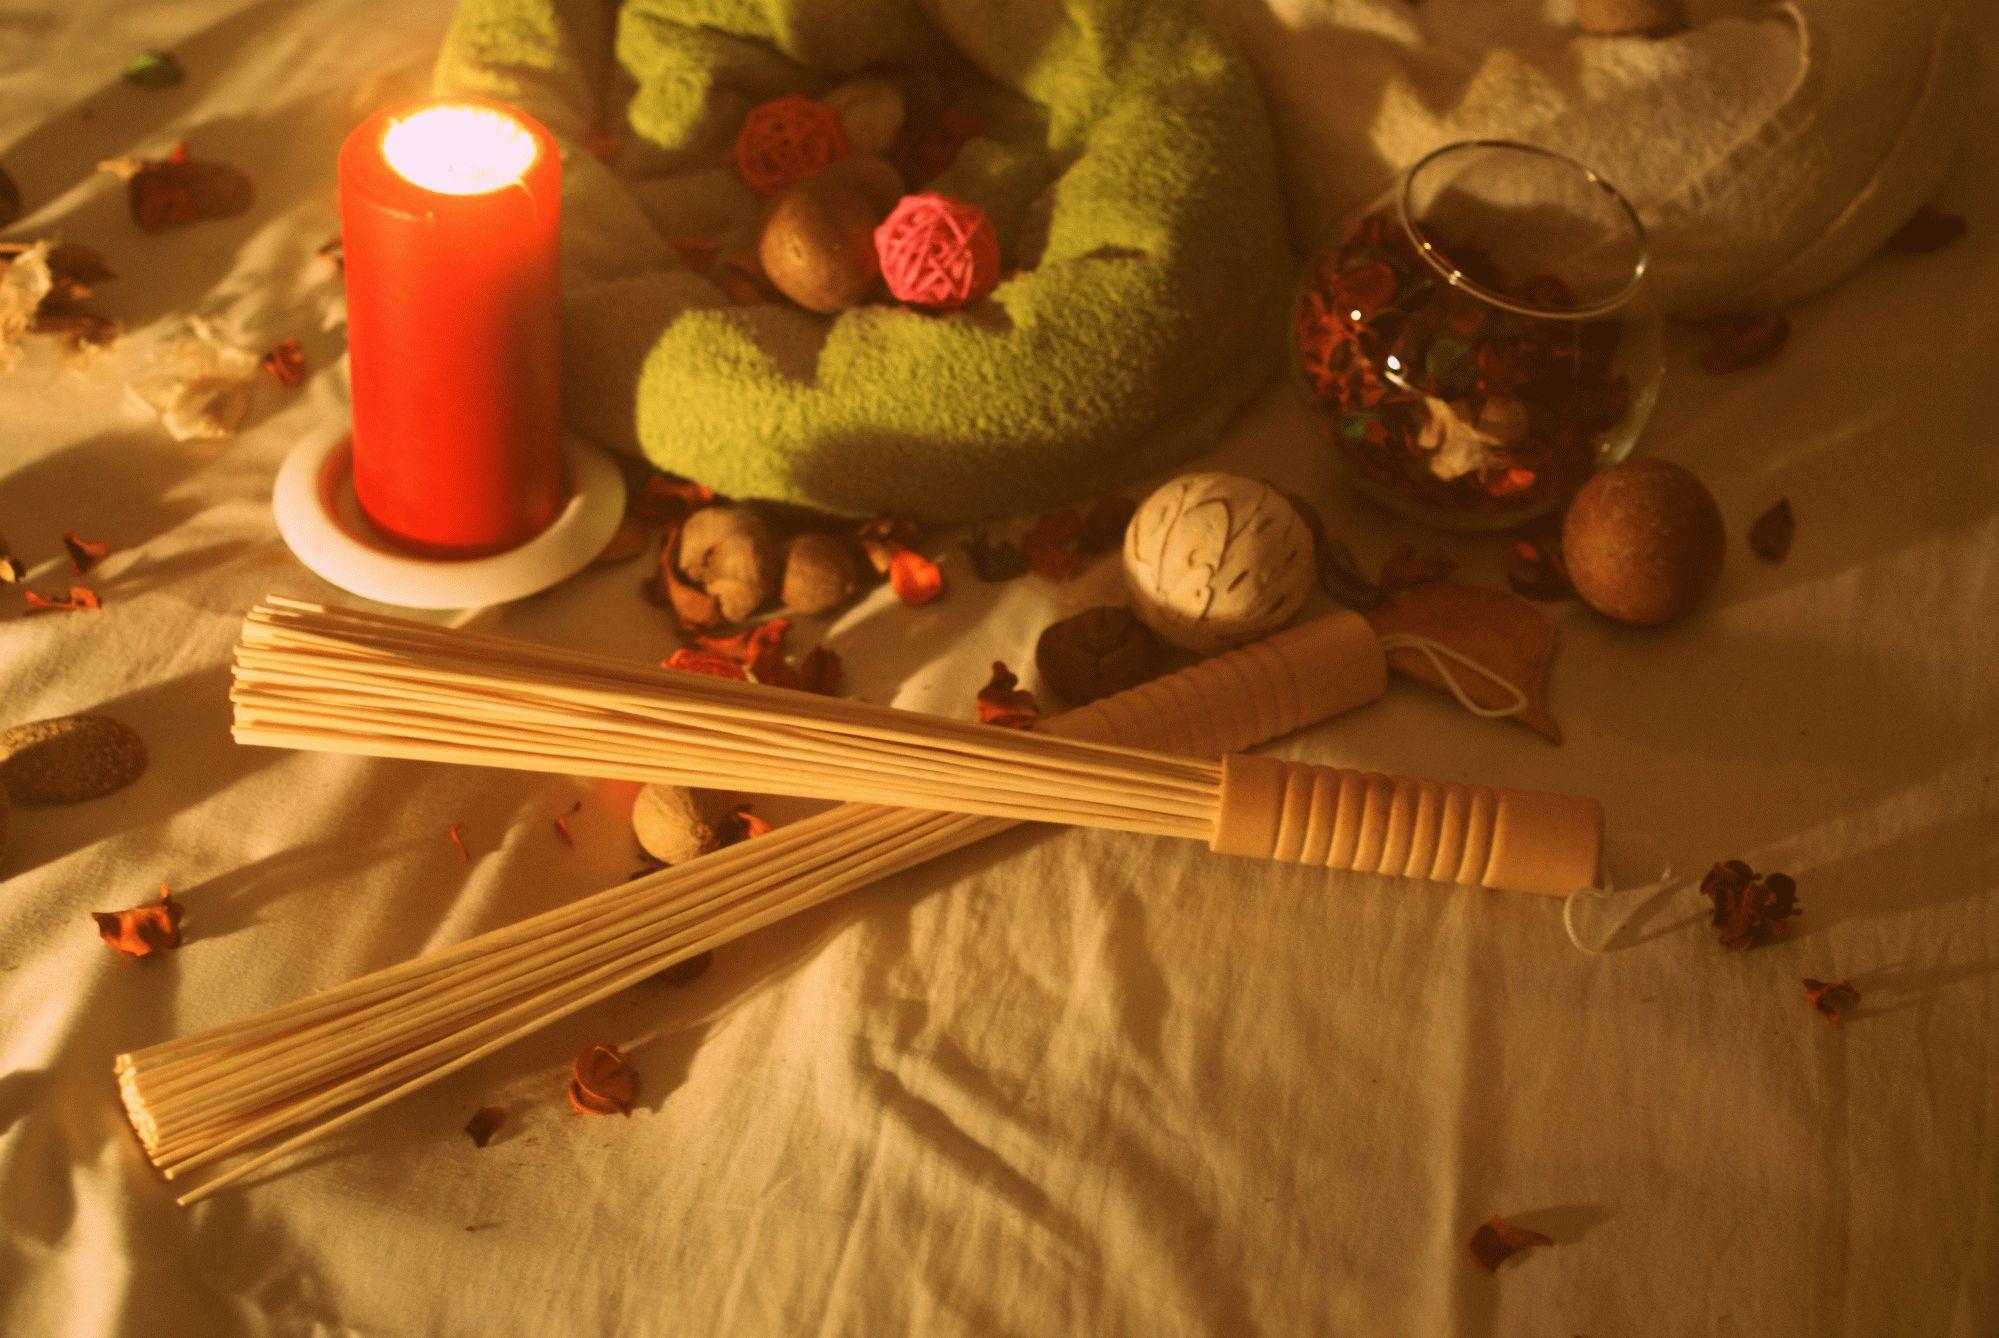 Бамбуковые веники для бани: как правильно пользоваться и париться? плюсы и минусы использования